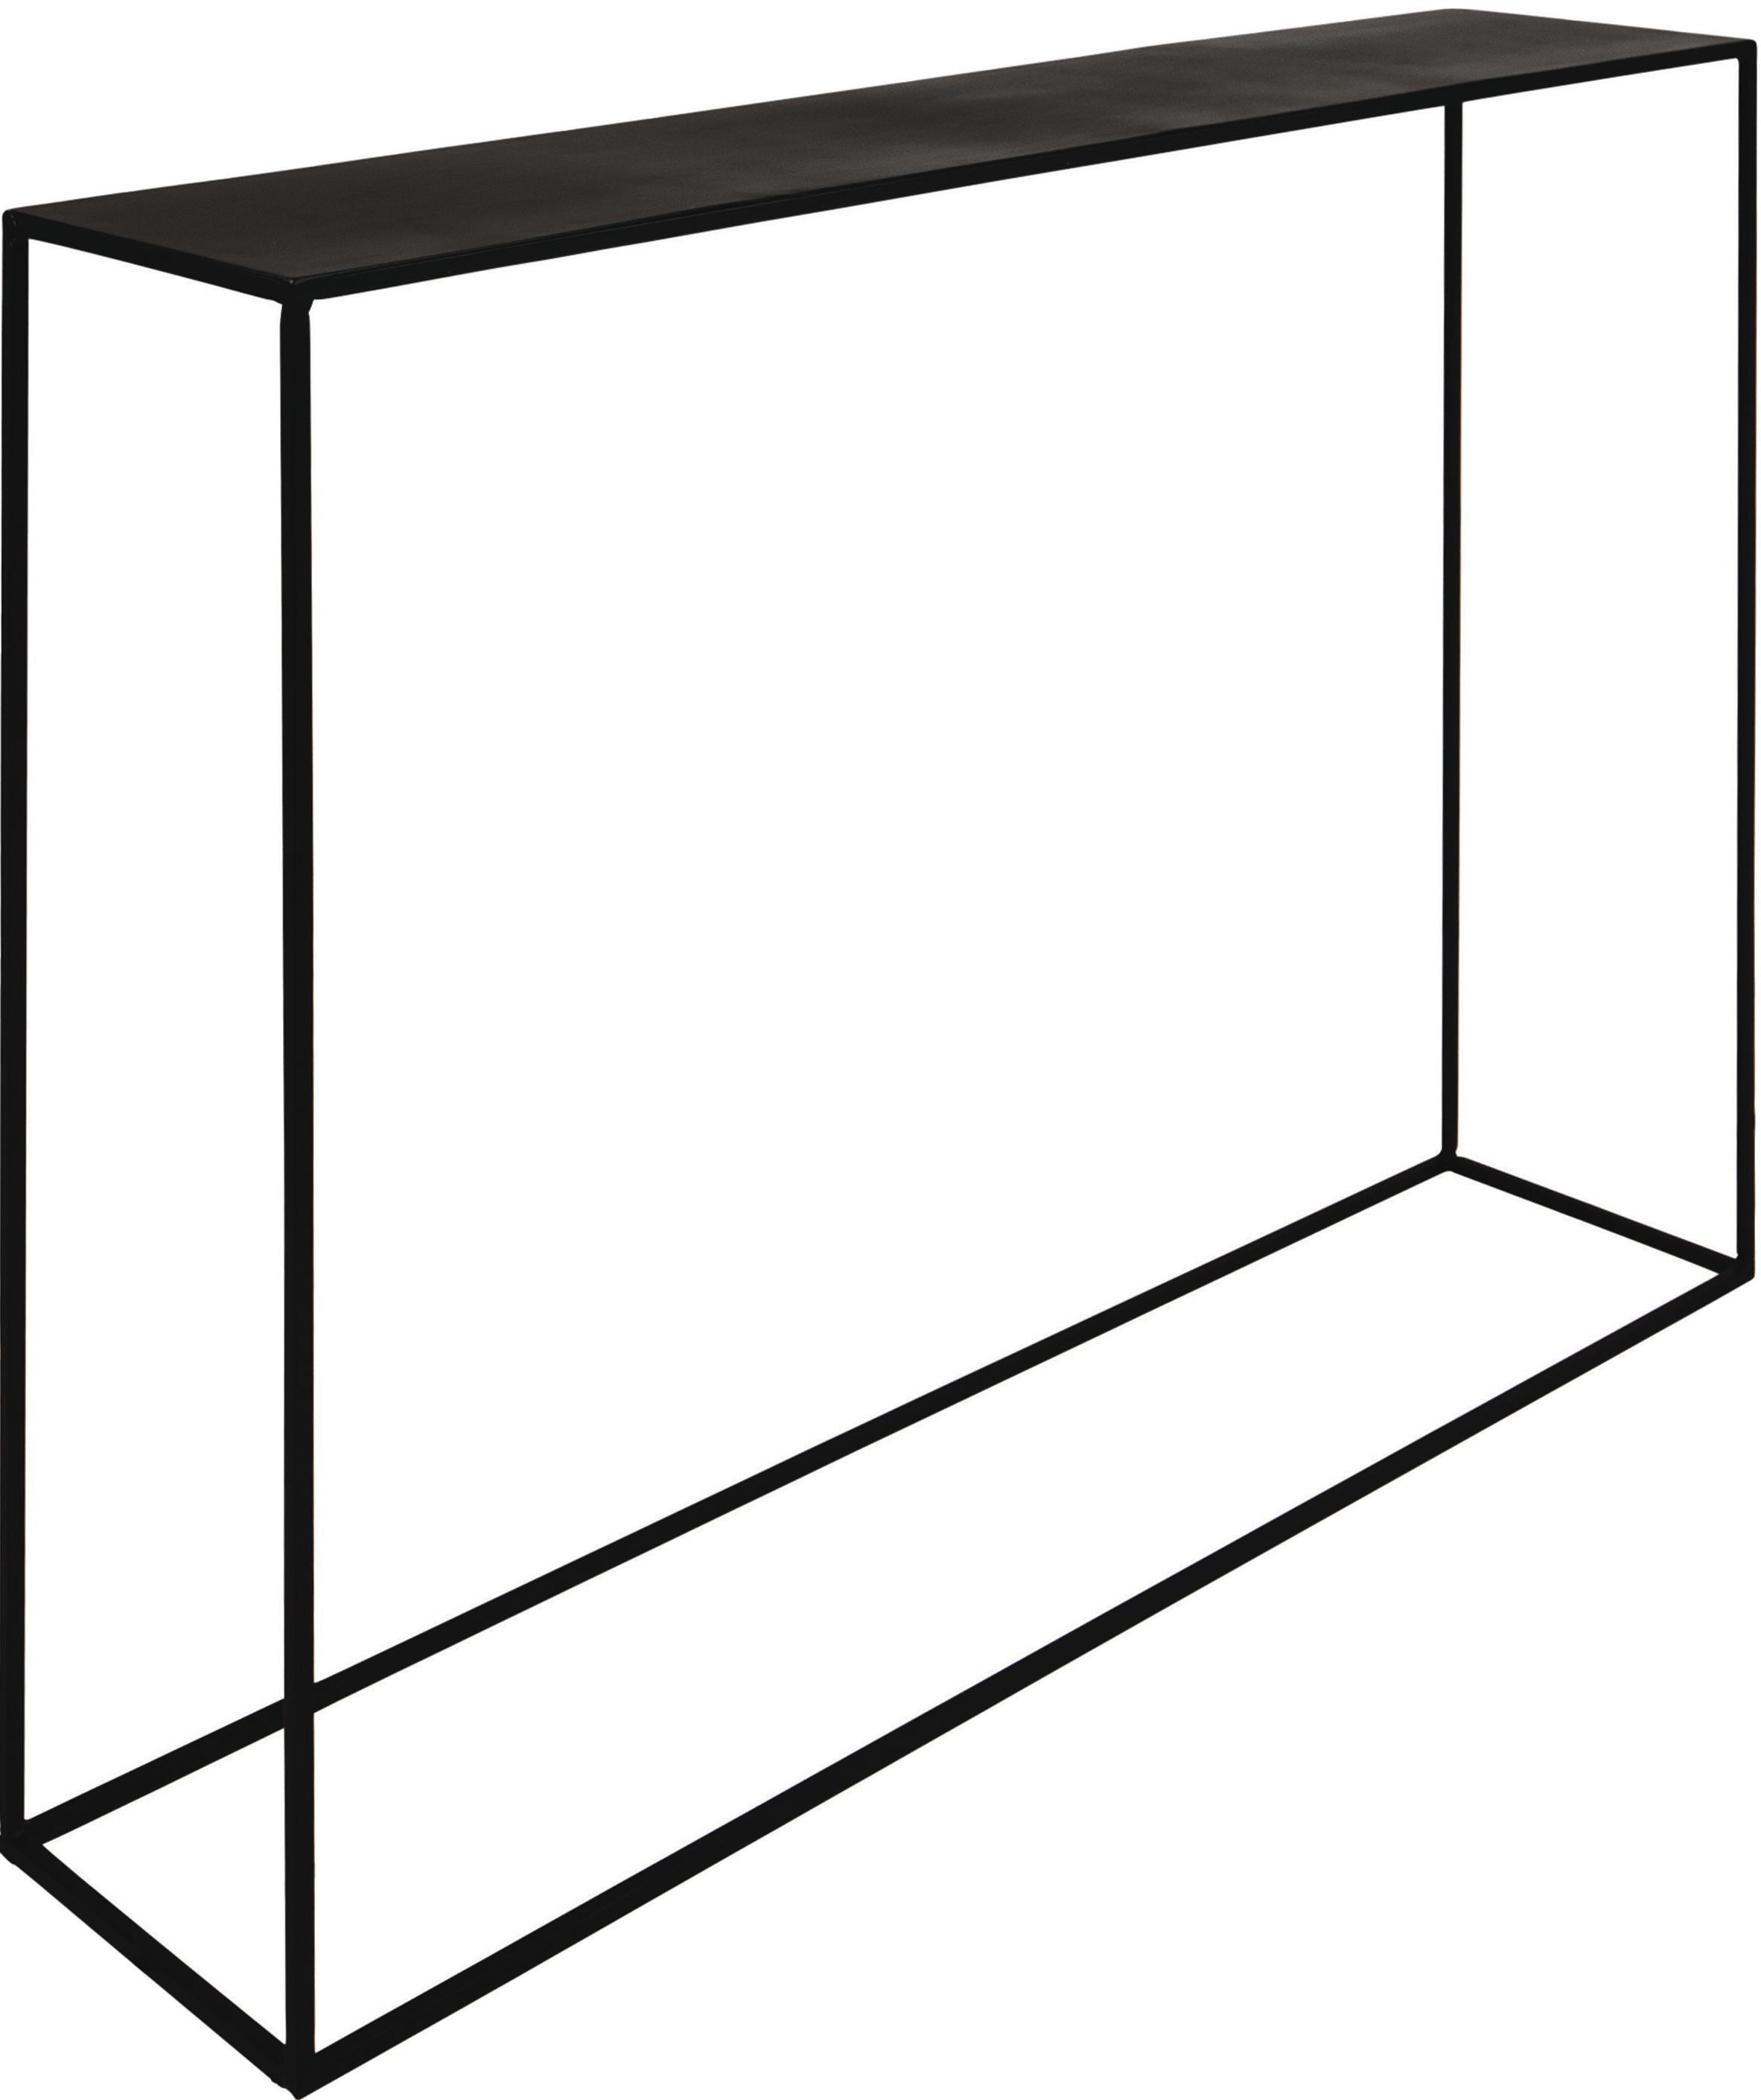 Console noire en métal Expo, Noir